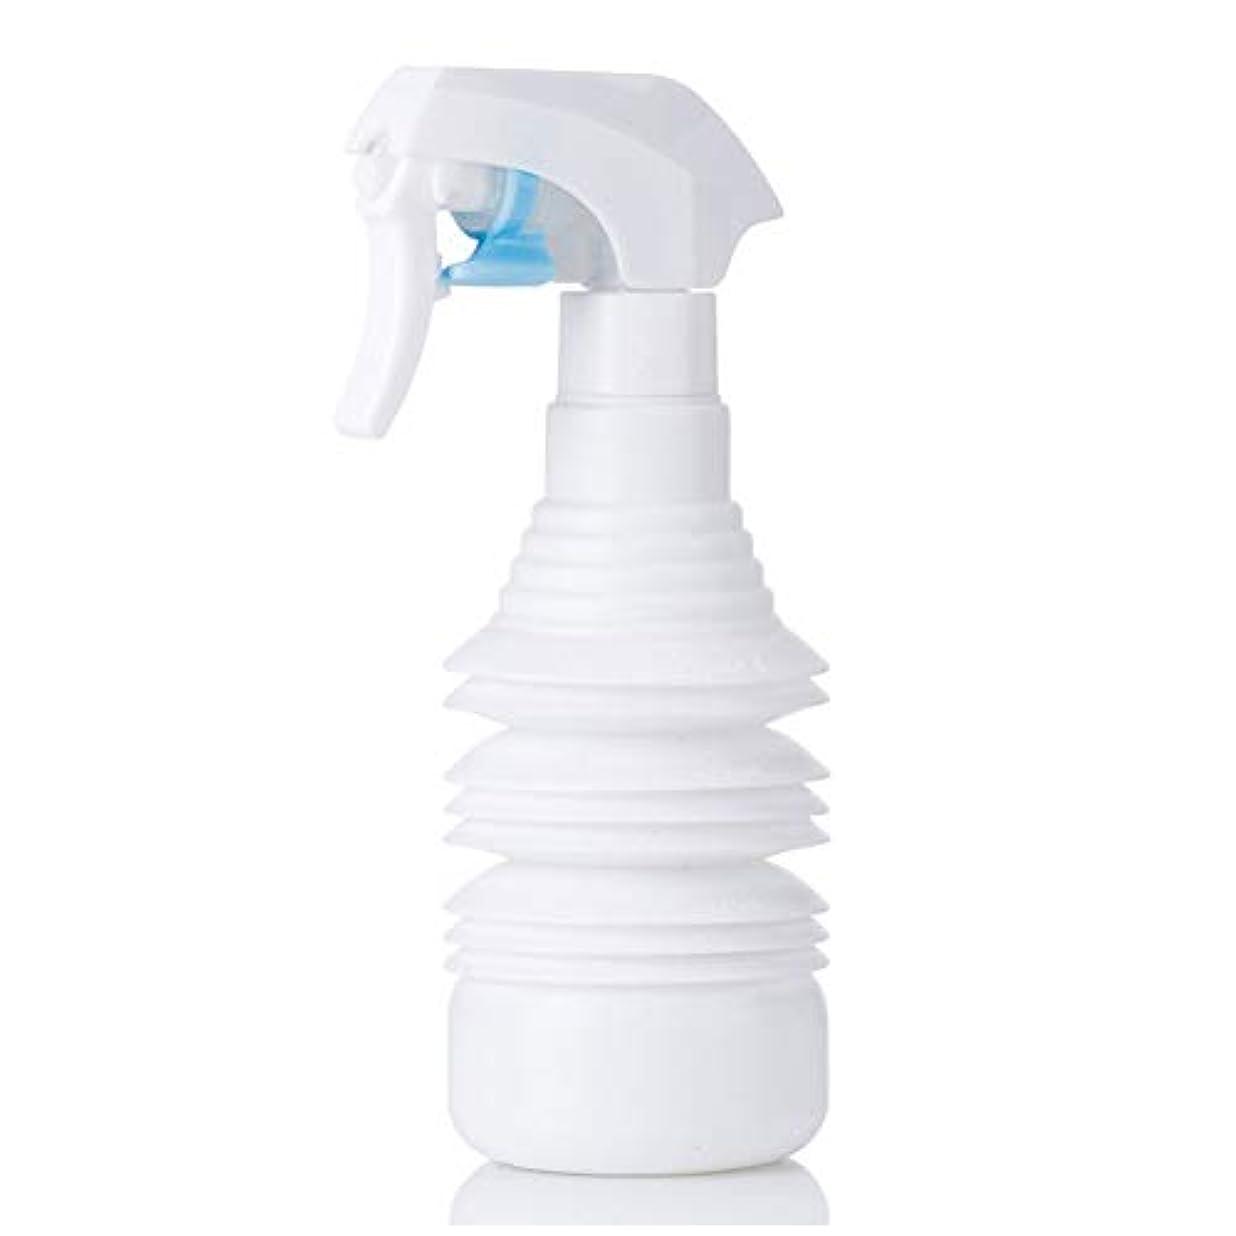 原始的なブローホール熱帯のヘアスタイリストヘアスプレー気化器用カーリーヘアスプレーボトルアトマイザー1100ml空スプレー用伸縮式超微細スプレーボトル-ブラック,白